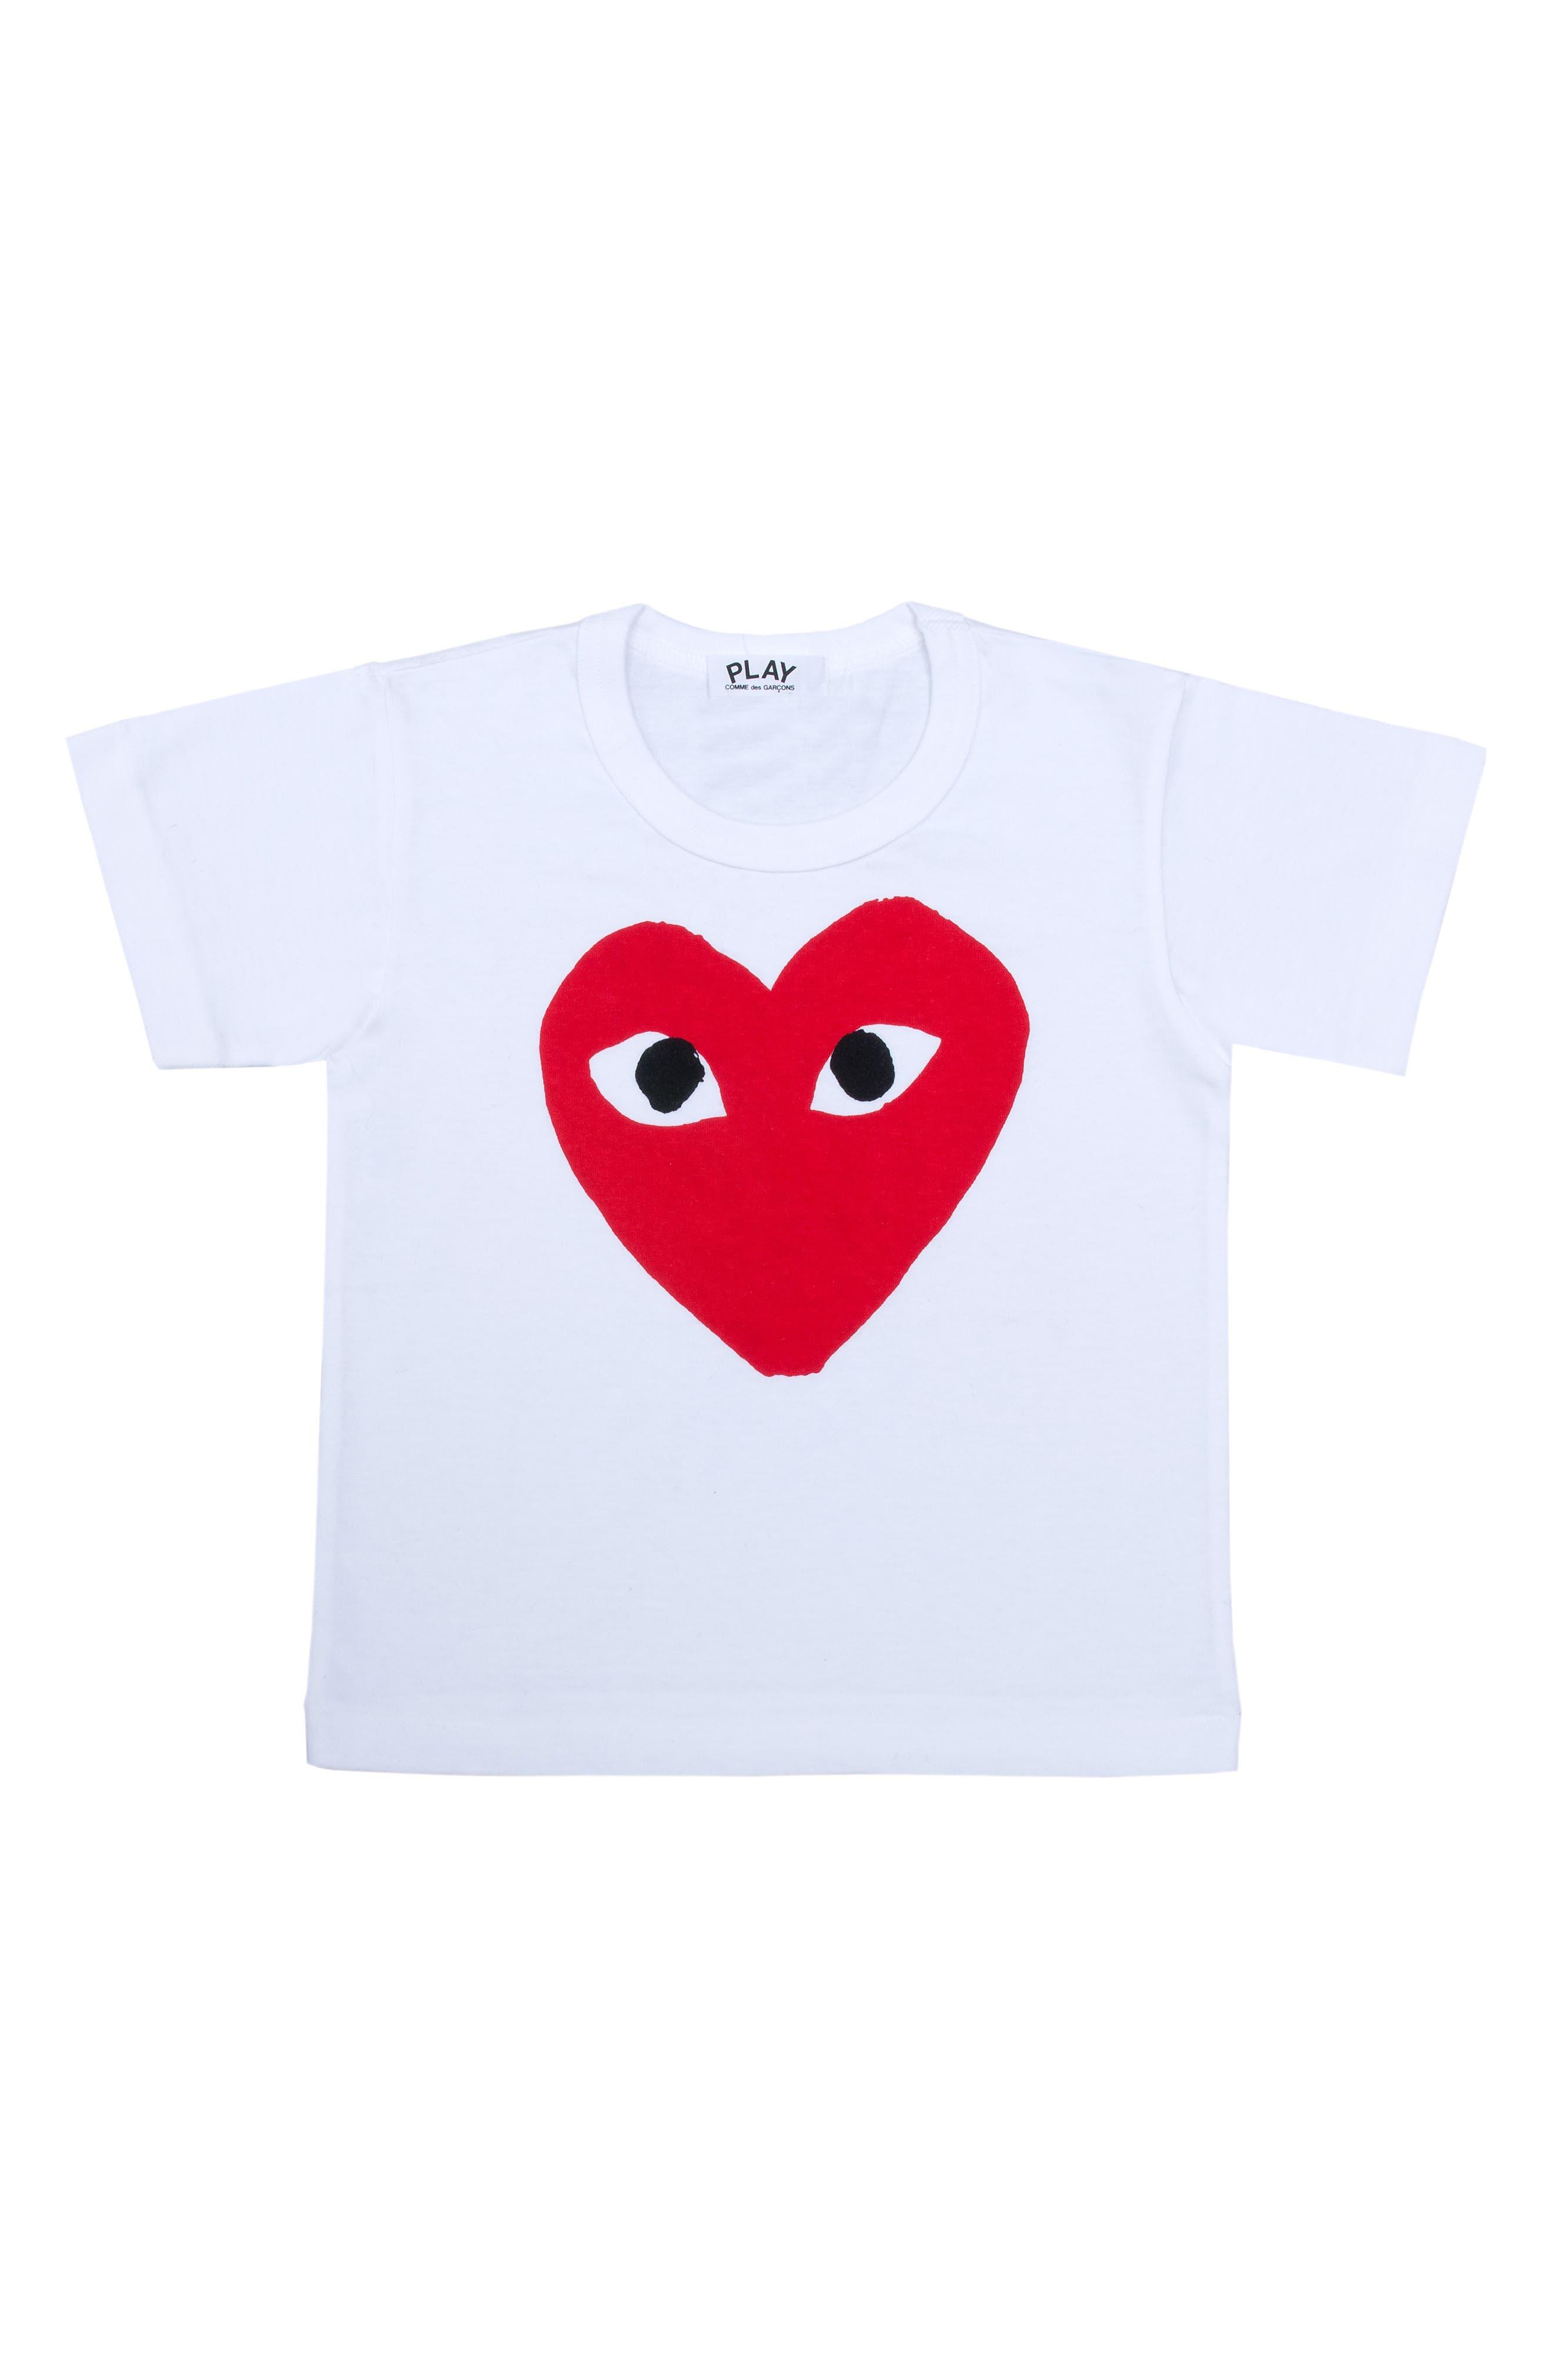 COMME DES GARÇONS PLAY Heart Face Graphic T-Shirt, Main, color, WHITE